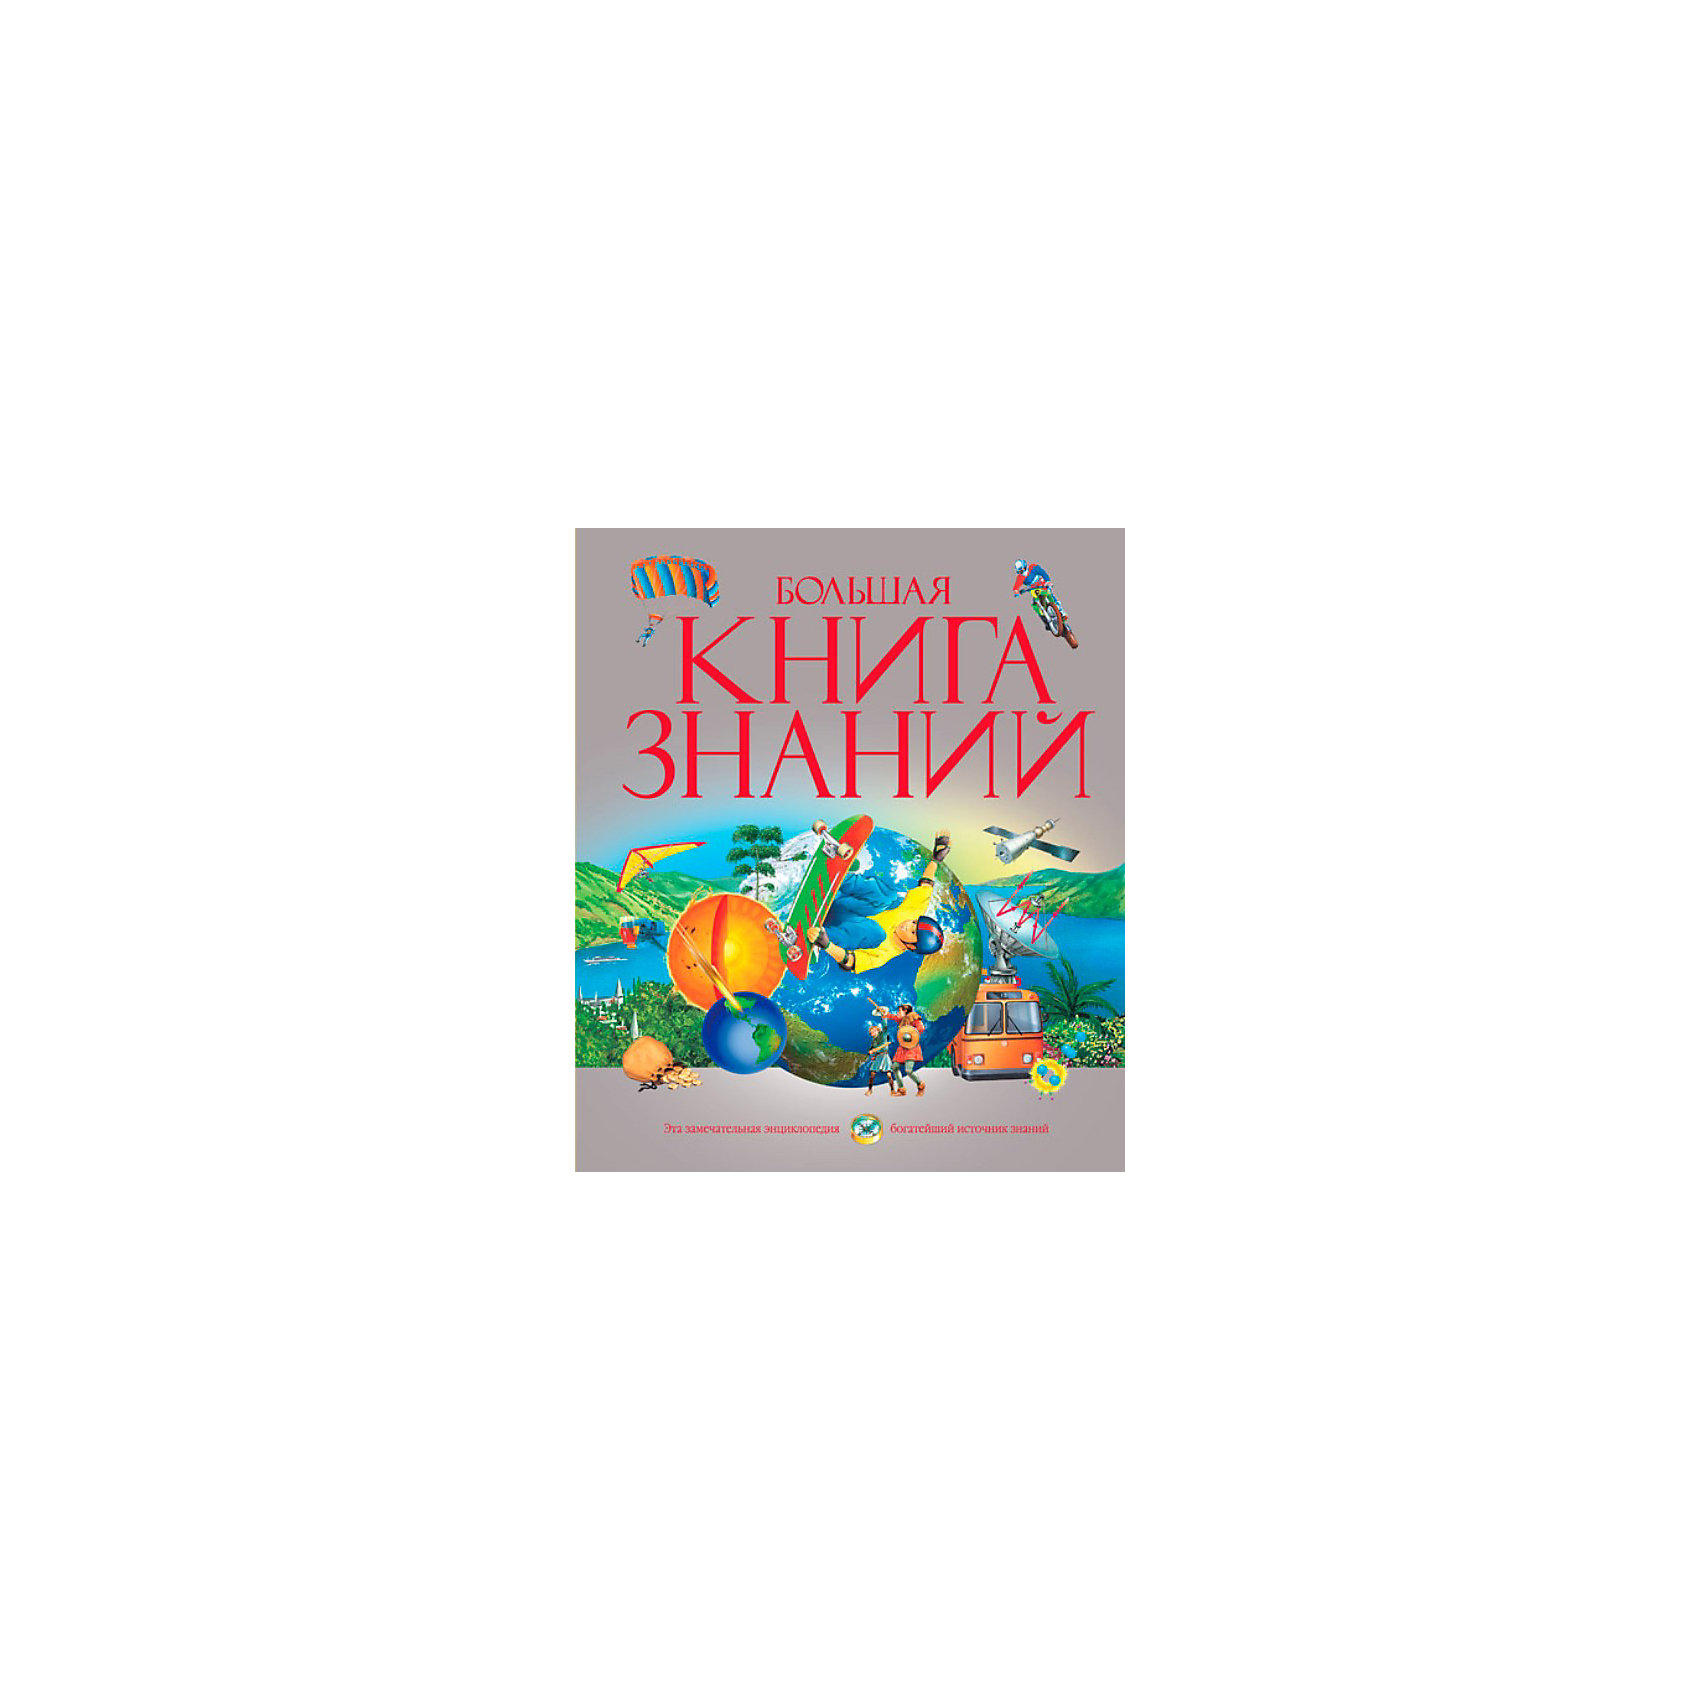 Энциклопедия Большая книга знанийВ этой прекрасно иллюстрированной энциклопедии собраны новейшие сведения по самым разным отраслям знаний, как включенным в школьную программу, так и выходящим за ее рамки, и самая свежая информация о нашем быстро меняющемся мире. Юные читатели совершат удивительные путешествия на суше и на море, в атмосфере и в космосе, в настоящем, прошлом и будущем, узнают много интересных фактов и смогут проверить свои знания. Это и справочное пособие для школьников, и популярная книга для чтения, которую отличают простота и ясность изложения, научная достоверность всех представленных сведений. В книге содержатся великолепные рисунки и фотографии, хронологические таблицы и карты. Эта энциклопедия незаменима для всех, кто хочет расширить свой кругозор и интересуется историей, техникой, географией, биологией, астрономией.<br><br>Для детей среднего школьного возраста.<br><br>Перевод с английского М. Беньковской, Т. Бородиной, В. Кузовкина, М. Диденко, А. Кириллова, Л. Клюкина, В. Мухановой, А. Филонова, Н. Эдельмана.<br>Редакторы русского издания: В. Бологова, О. Красновская, М. Семенова, И. Цыганов.<br>Страниц: 480<br>Формат: 235х280 мм<br>Переплет: Переплет<br><br>Ширина мм: 280<br>Глубина мм: 235<br>Высота мм: 30<br>Вес г: 1465<br>Возраст от месяцев: 84<br>Возраст до месяцев: 144<br>Пол: Унисекс<br>Возраст: Детский<br>SKU: 2411714